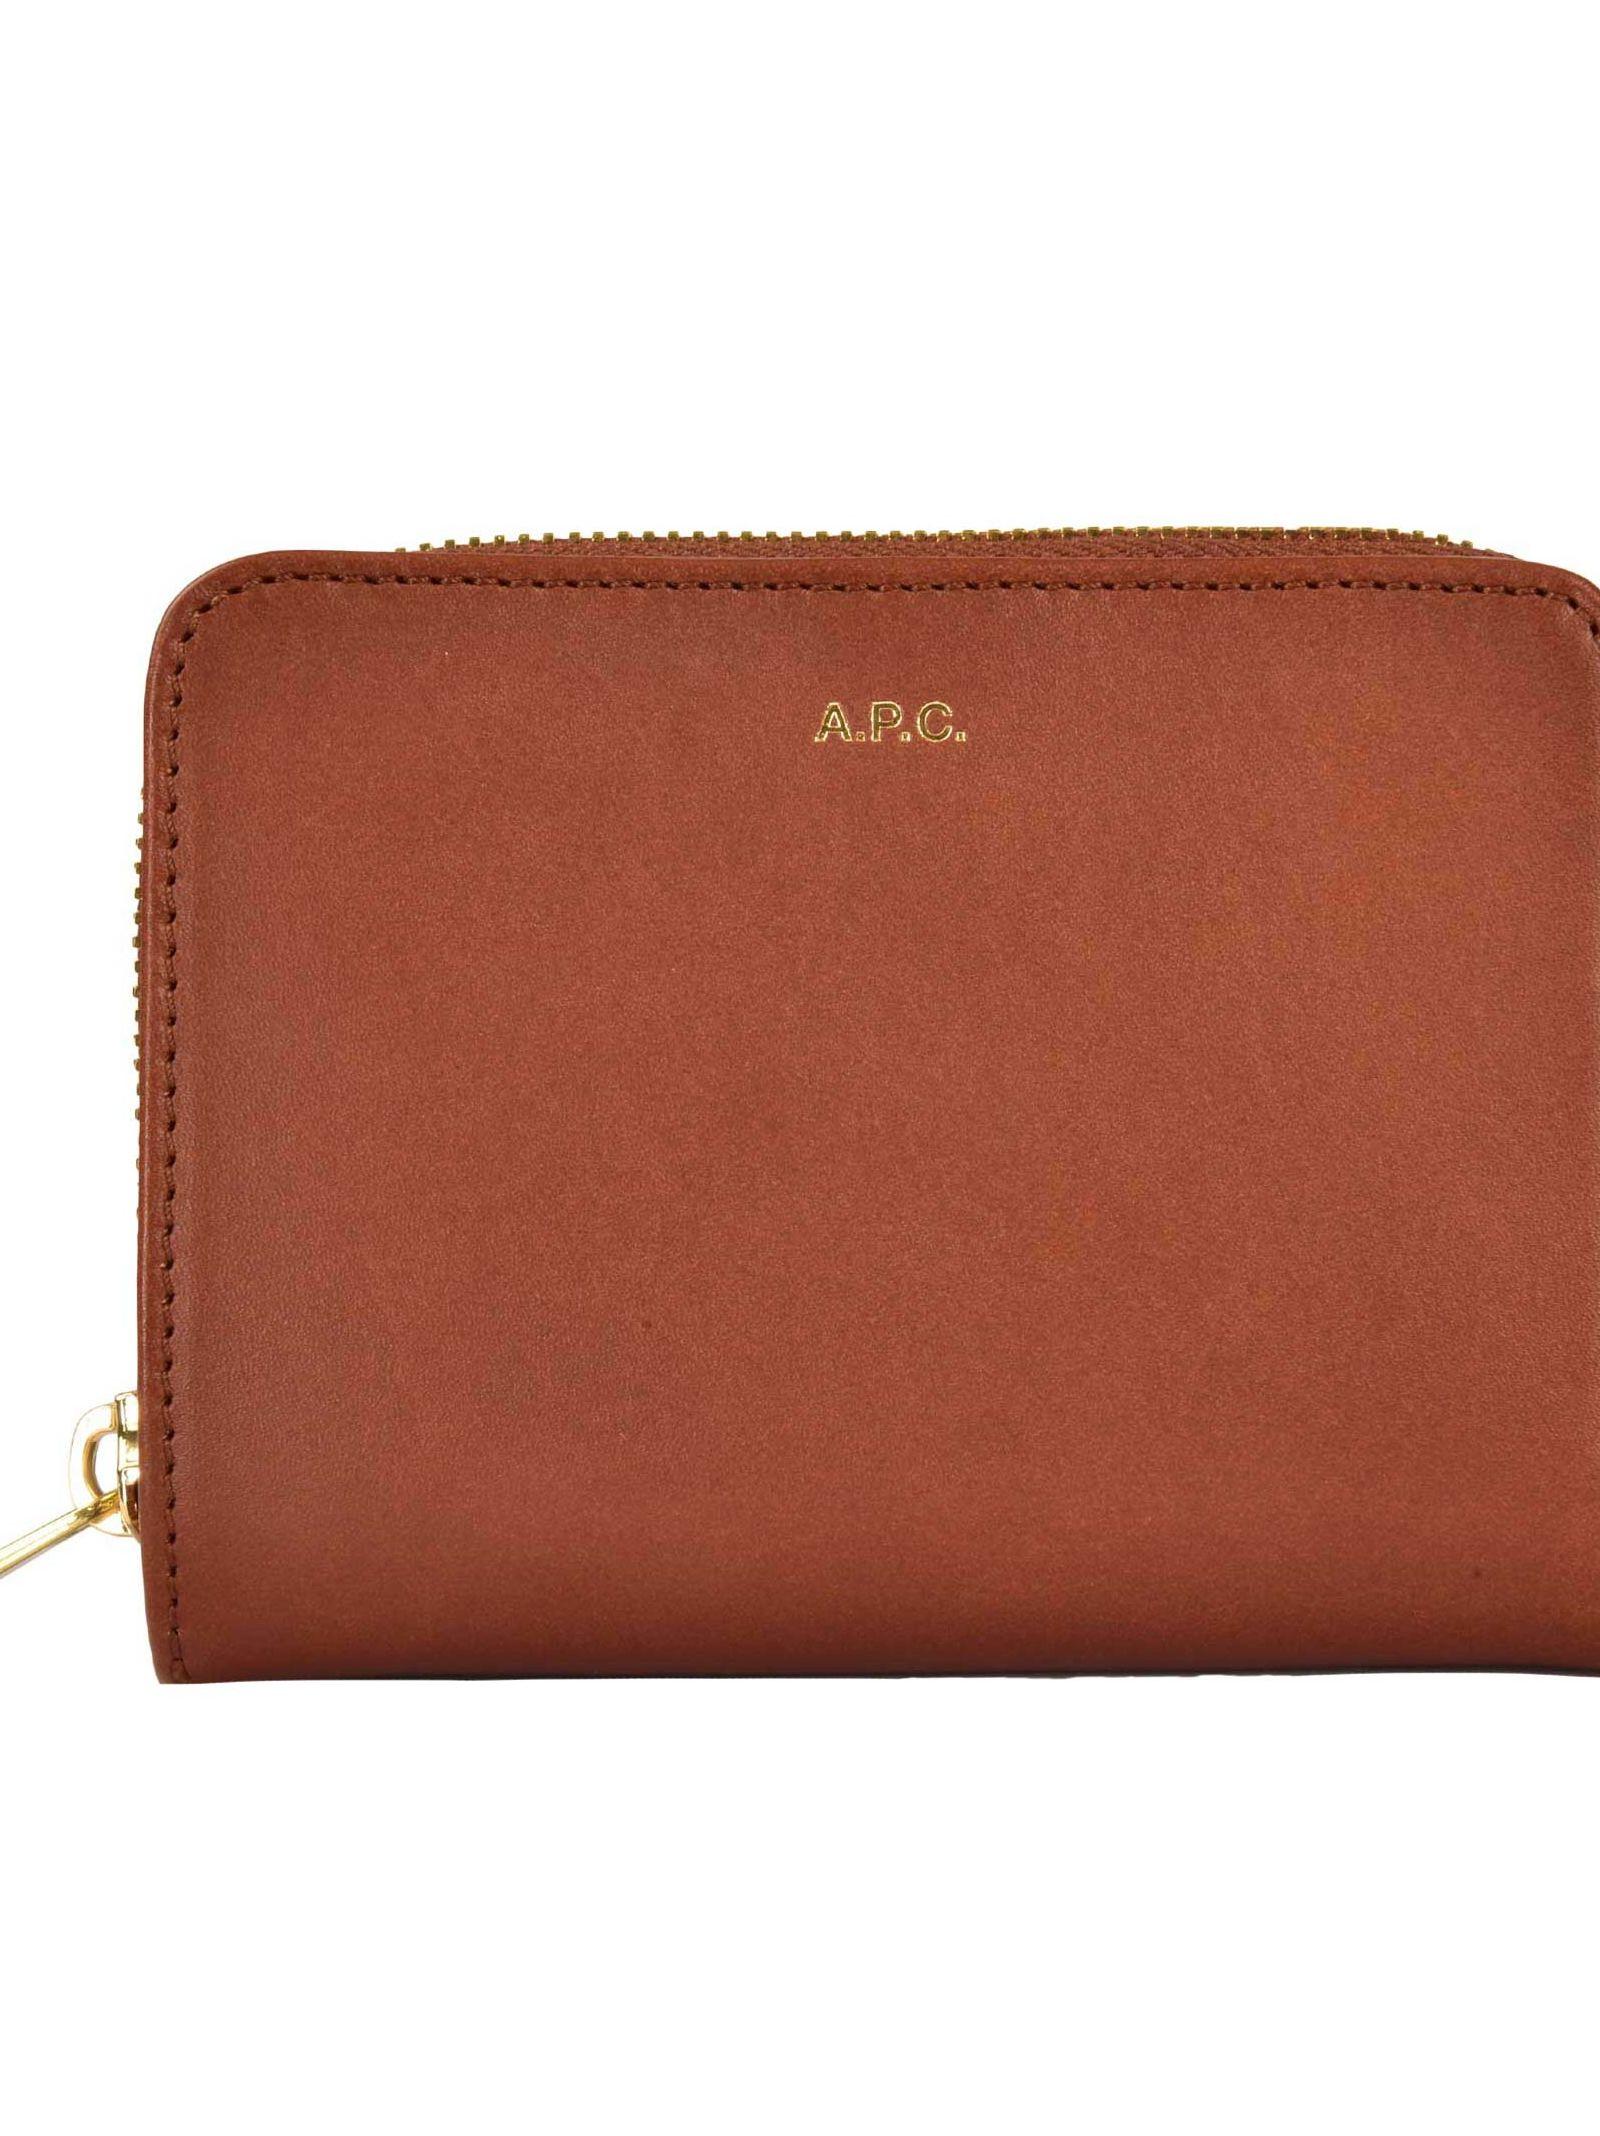 A.P.C. Compact Zip Wallet, Cad Noisette